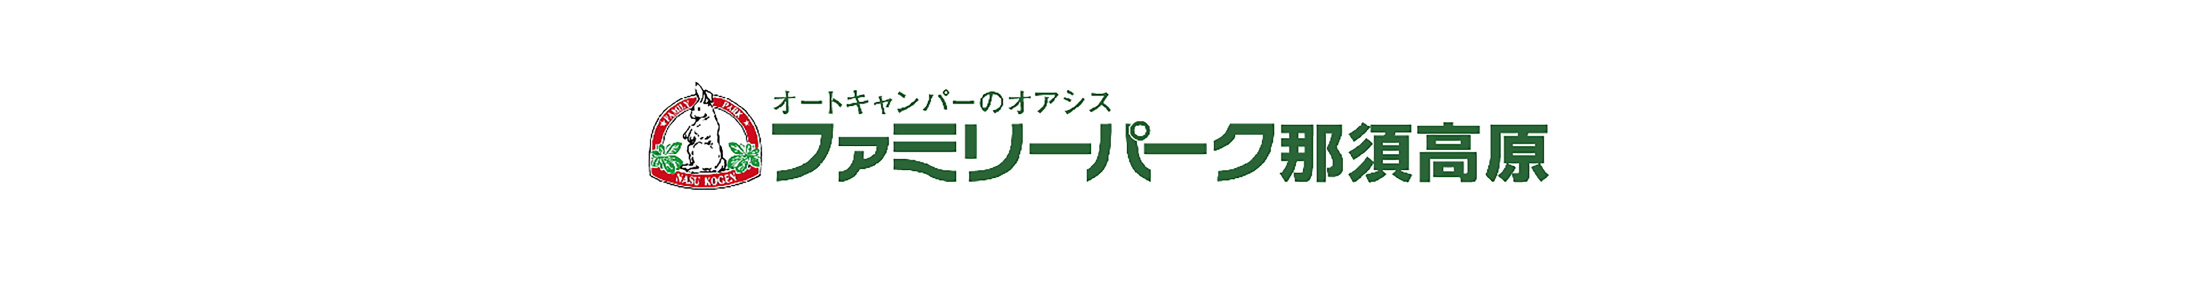 栃木県,那須高原,ファミリーパーク那須高原